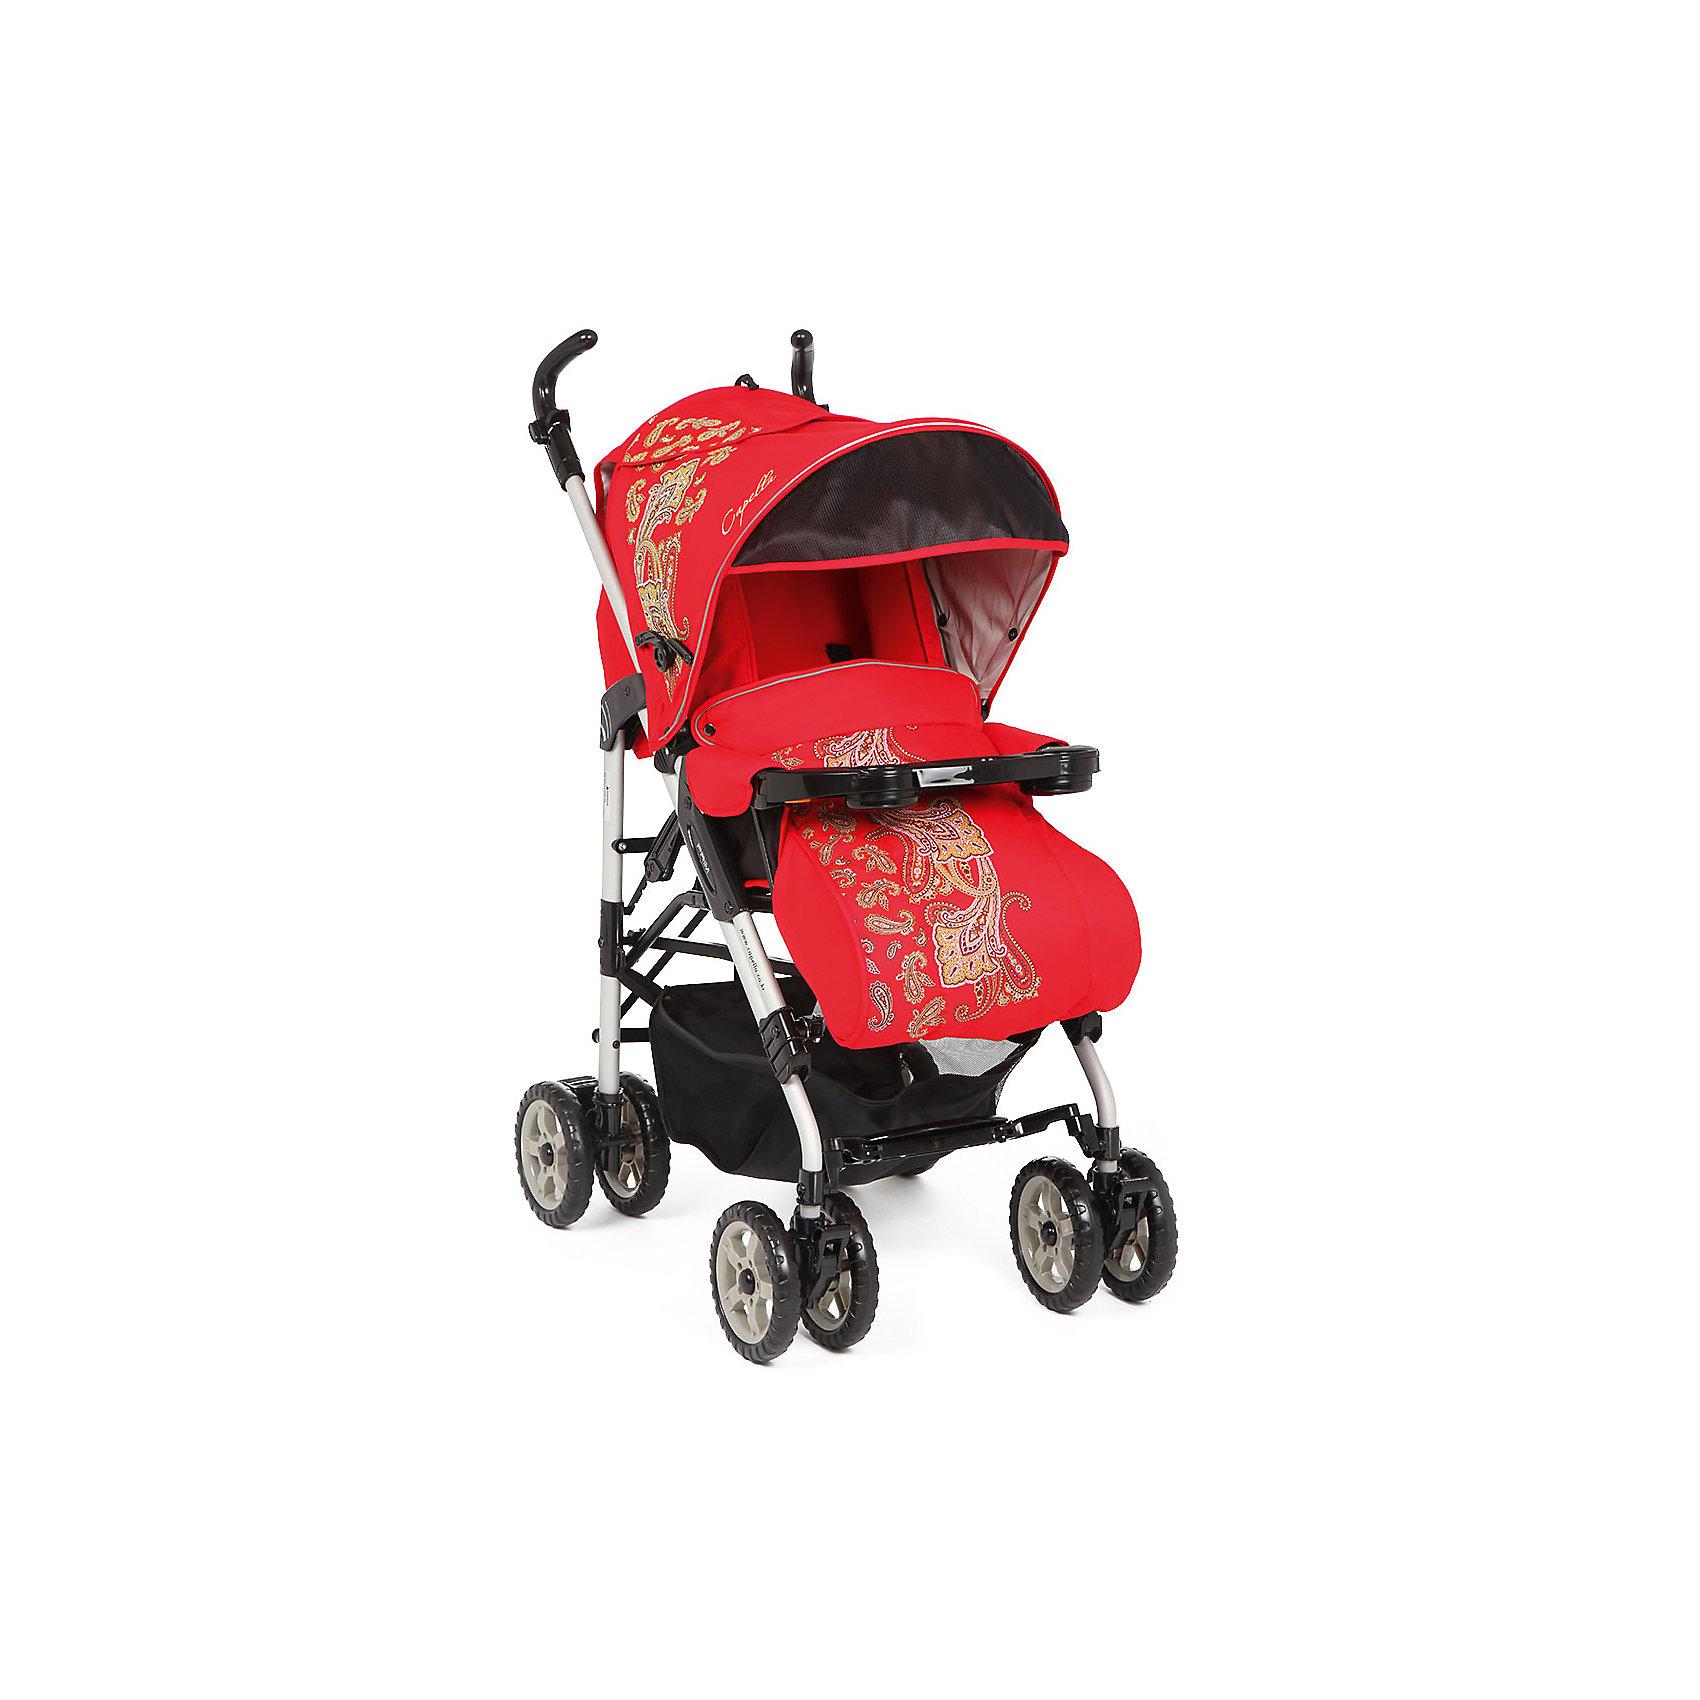 Коляска-трость Capella S-321, красныйКоляски-трости<br>Надежная и стильная прогулочная коляска выполнена в современном и удобном дизайне. Прочная и удобная коляска-трость позволит перевозить ребенка, не беспокоясь при этом о его безопасности. Приятный цвет коляски практичен и универсален. За счет продуманной формы колес и амортизации коляска отлично будет ехать как по не ровной дороге, так и по снегу. Коляска легкая и прочная.<br>Конструкция - очень устойчивая. Модель дополнена 5-точечными ремнями безопасности. Изделие произведено из качественных и безопасных для малышей материалов, оно соответствуют всем современным требованиям безопасности.<br><br>Дополнительная информация:<br><br>цвет: красный;<br>механизм складывания: трость; <br>возраст ребенка: от 6 месяцев;<br>вес коляски: 10,2 кг;<br>4 двойных колеса;<br>фиксация передних колес;<br>регулировка подножки по высоте;<br>ремни безопасности: пятиточечные;<br>регулировка ручки по высоте<br>дождевик;<br>москитная сетка;<br>раскладывается на 180 градусов;<br>положение лежа;<br>мягкая подвеска;<br>материал: пластик, металл, текстиль.<br><br>Прогулочную коляску S-321, красный от компании Capella можно купить в нашем магазине.<br><br>Ширина мм: 1000<br>Глубина мм: 530<br>Высота мм: 730<br>Вес г: 10000<br>Цвет: красный<br>Возраст от месяцев: 6<br>Возраст до месяцев: 36<br>Пол: Женский<br>Возраст: Детский<br>SKU: 4778515